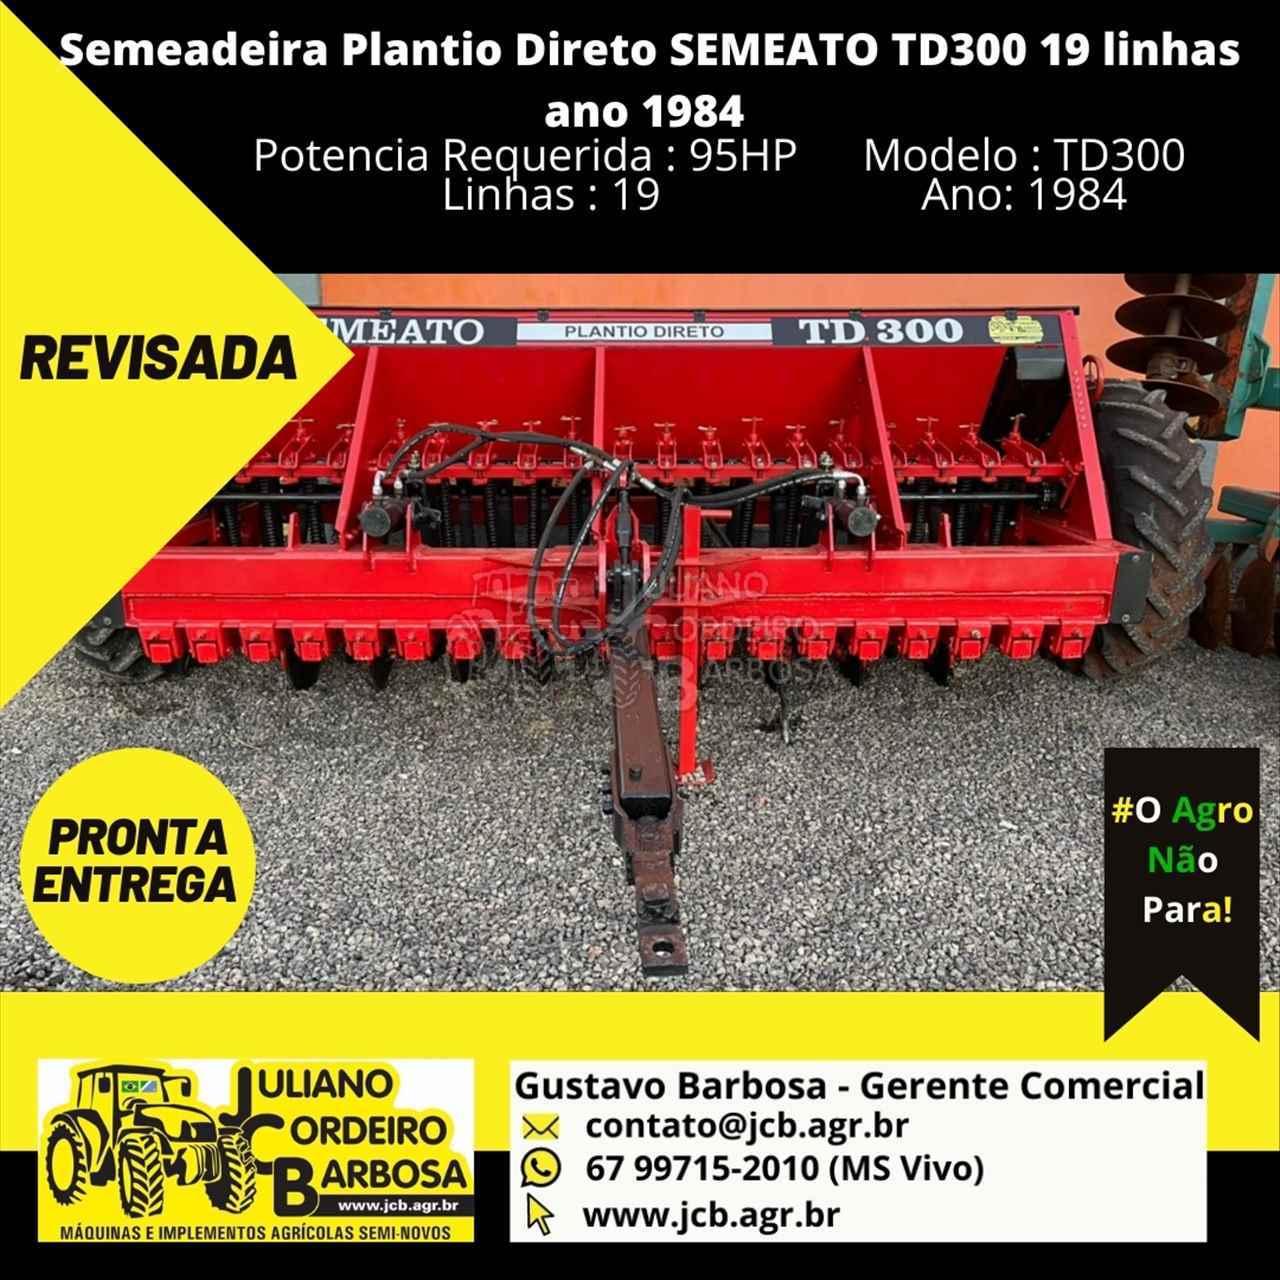 SEMEADEIRA SEMEATO TD 300 JCB Máquinas e Implementos Agrícolas MARACAJU MATO GROSSO DO SUL MS